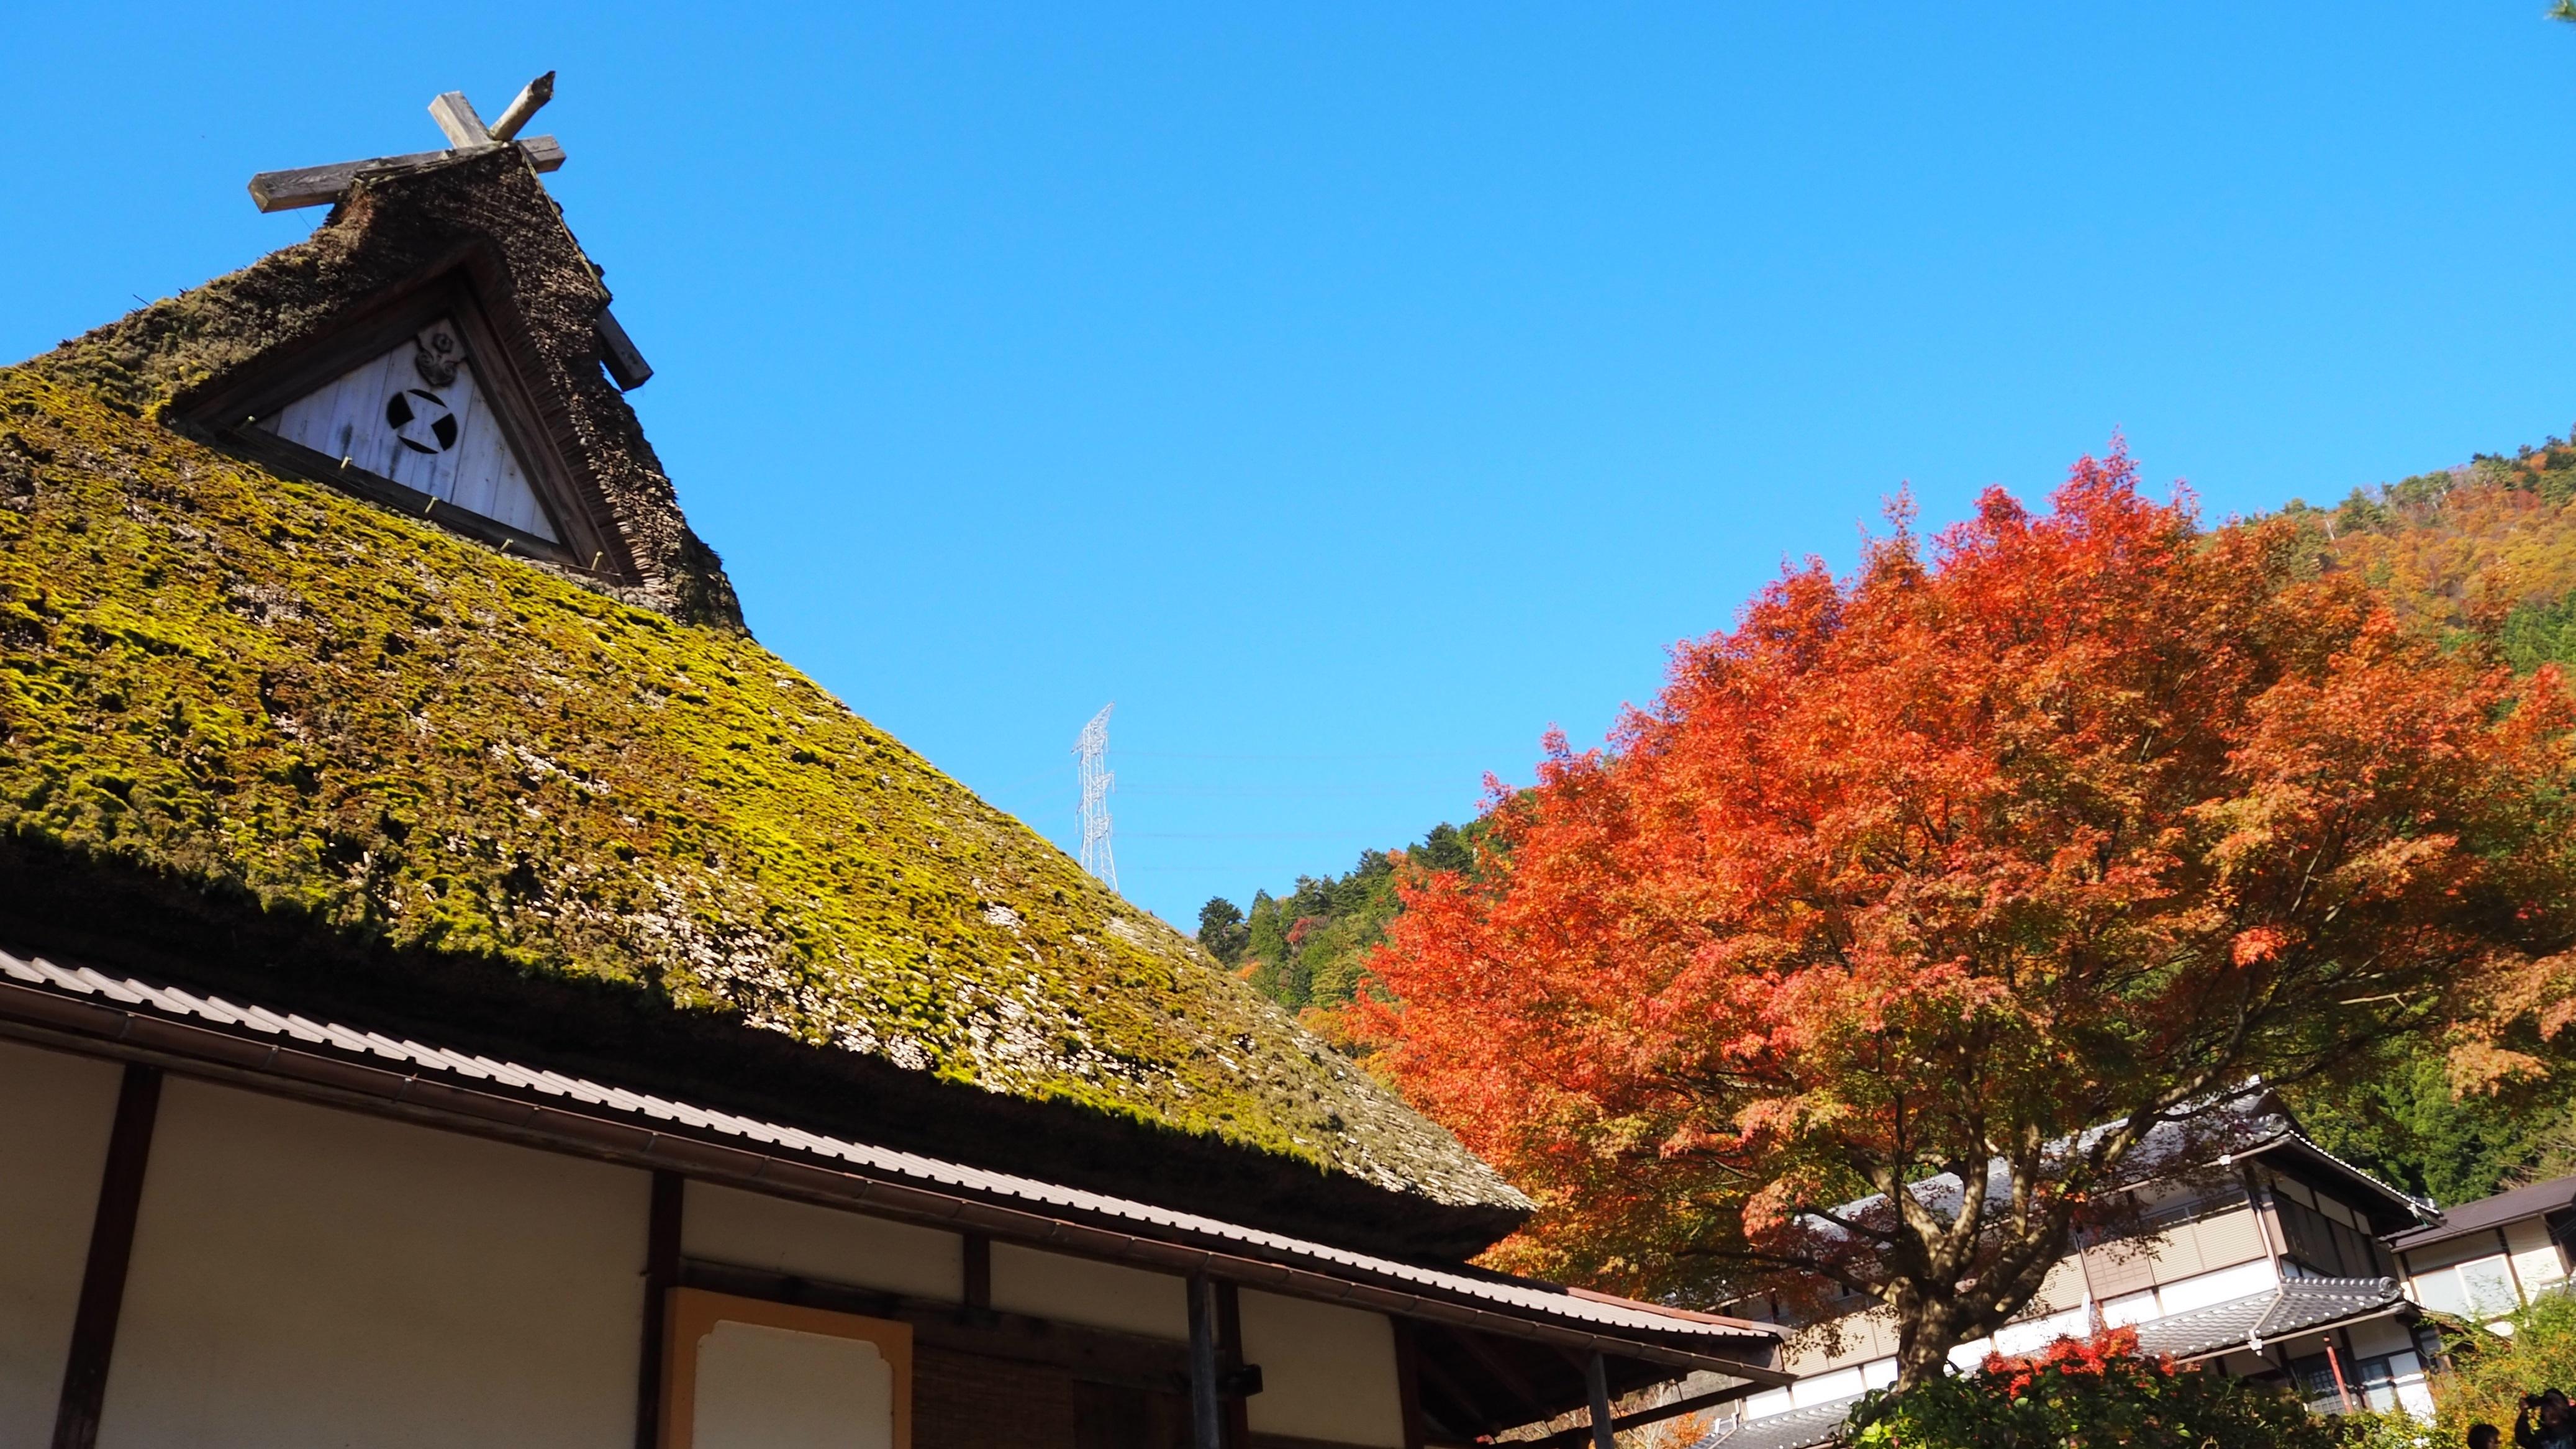 ぴーきち&ダイナ 美山 かやぶきの里ツーリング 景観